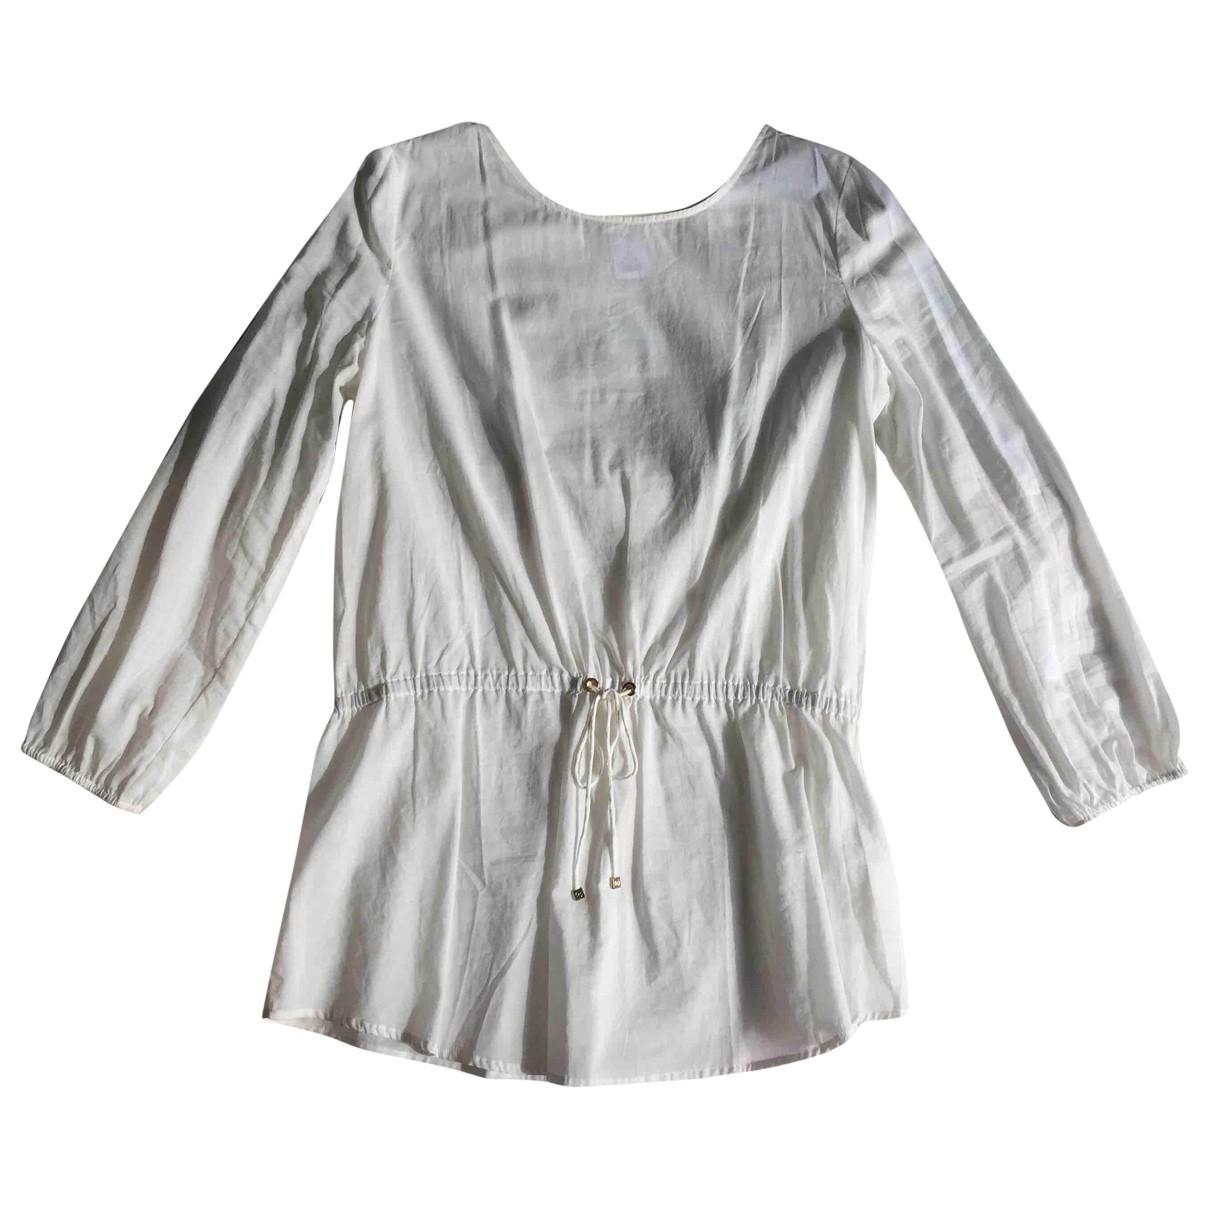 Michael Kors \N White Cotton dress for Women M International